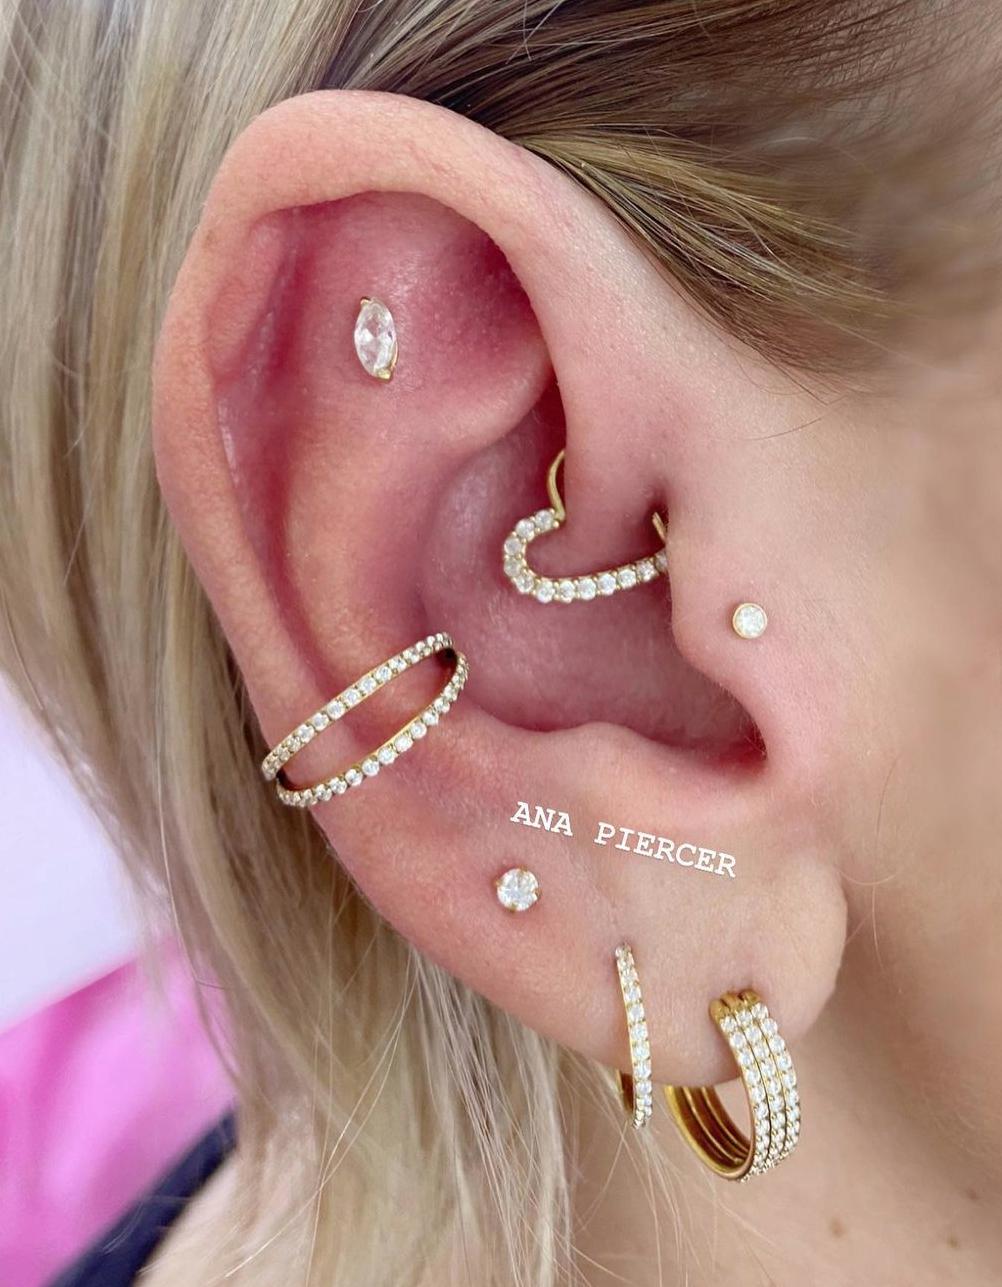 1614906207 467 15 inspiraciones de perforacion de labret y consejos para perforar - 30 fotos de piercing en orejas para querer el tuyo hoy